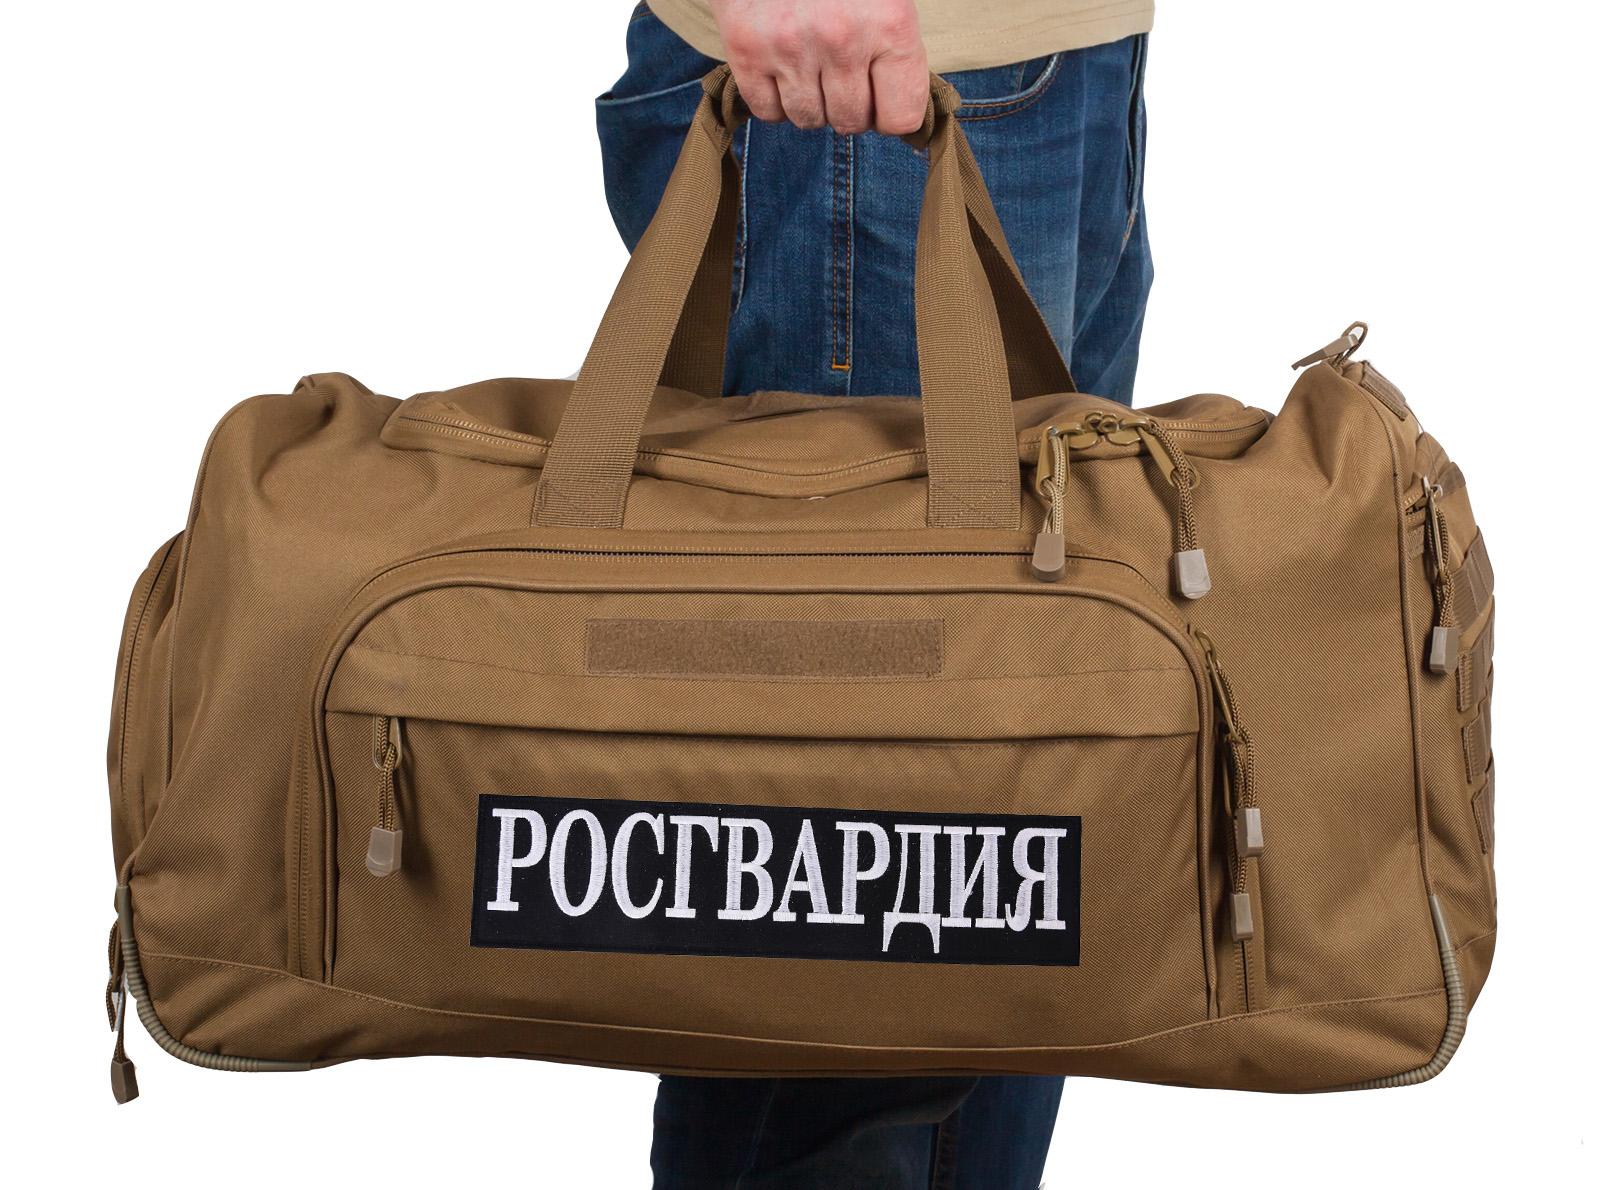 Купить вместительную походную сумку 08032B Coyote с нашивкой Росгвардия по лучшей цене